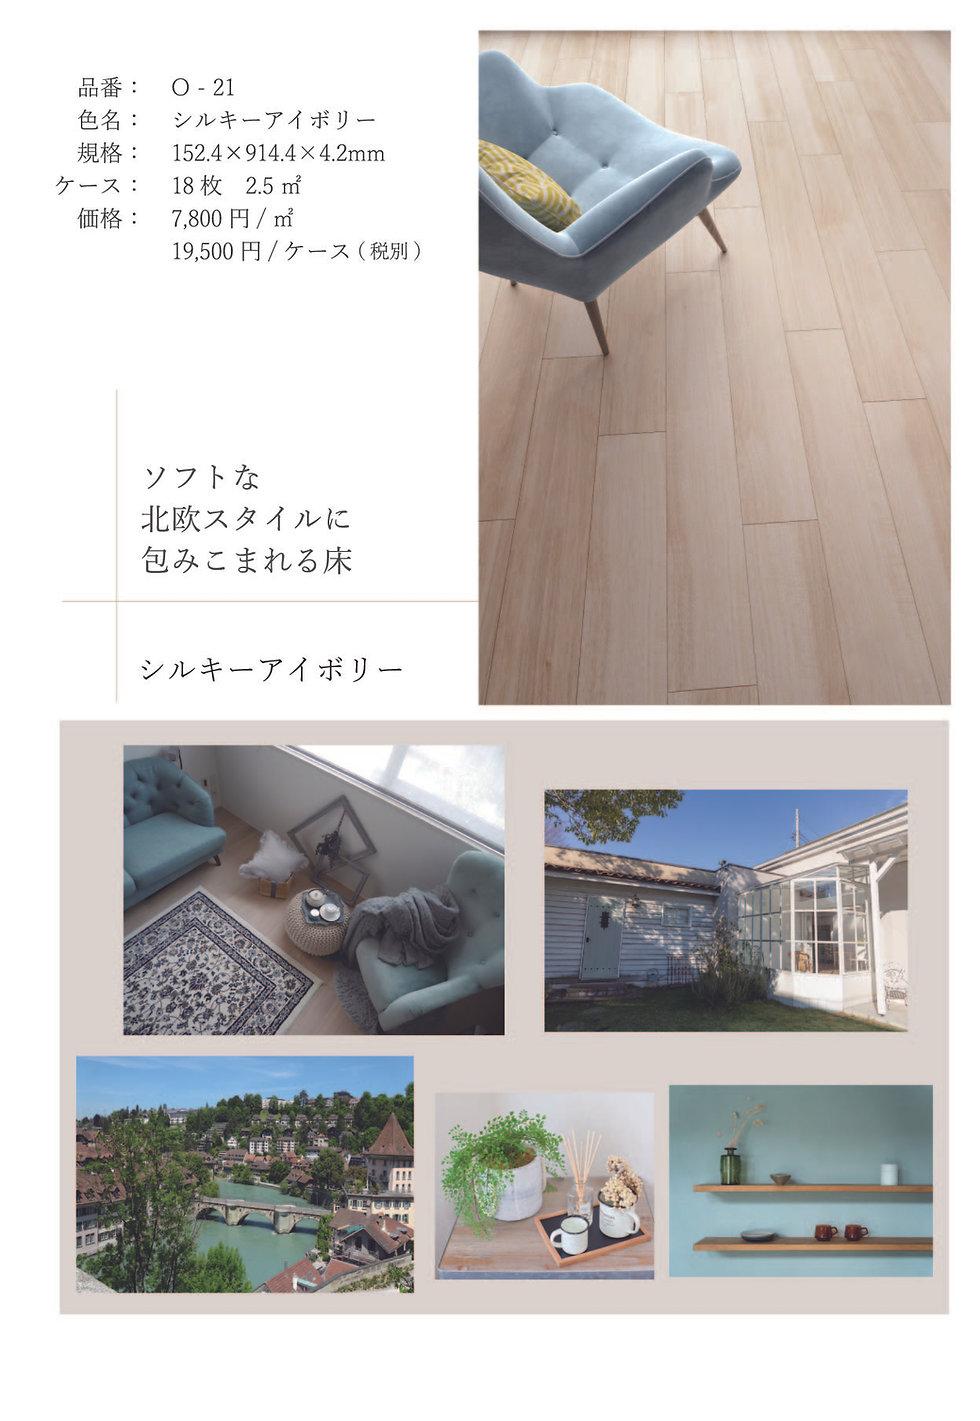 6o-21_2_アートボード 1.jpg